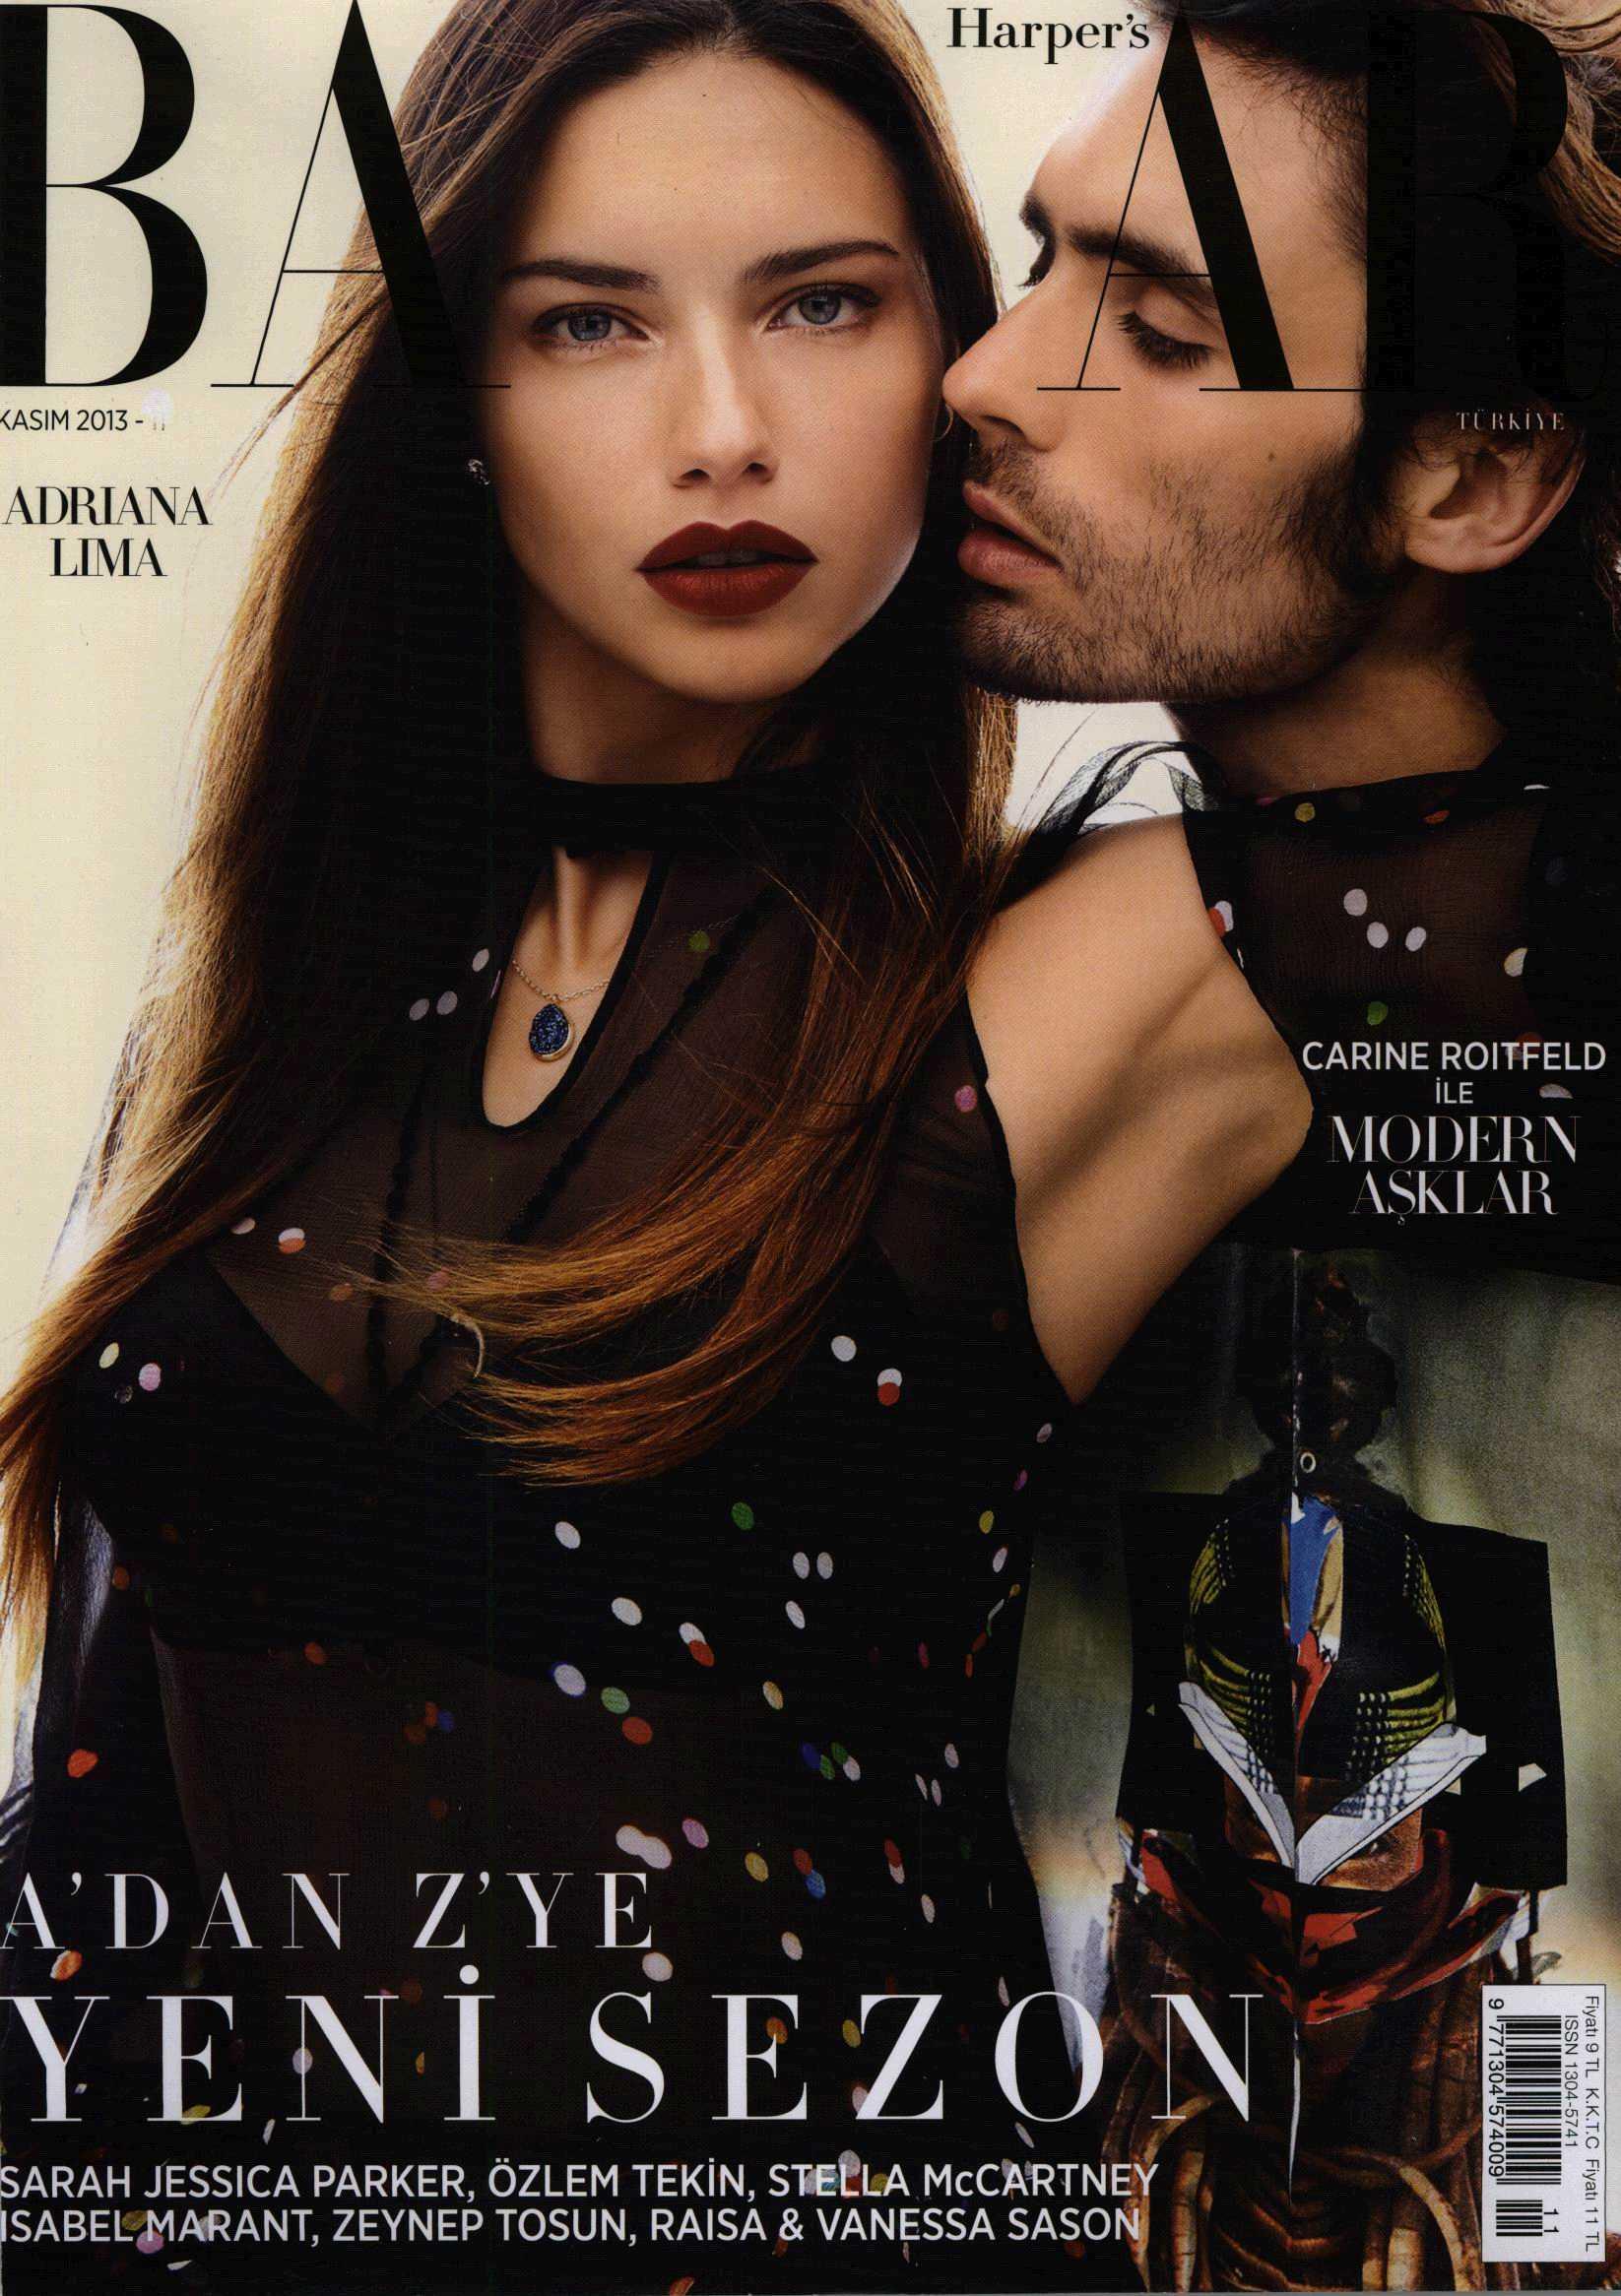 2013 Kasım Harper';s Bazaar - Merve Bayındır Ürün Çekimi